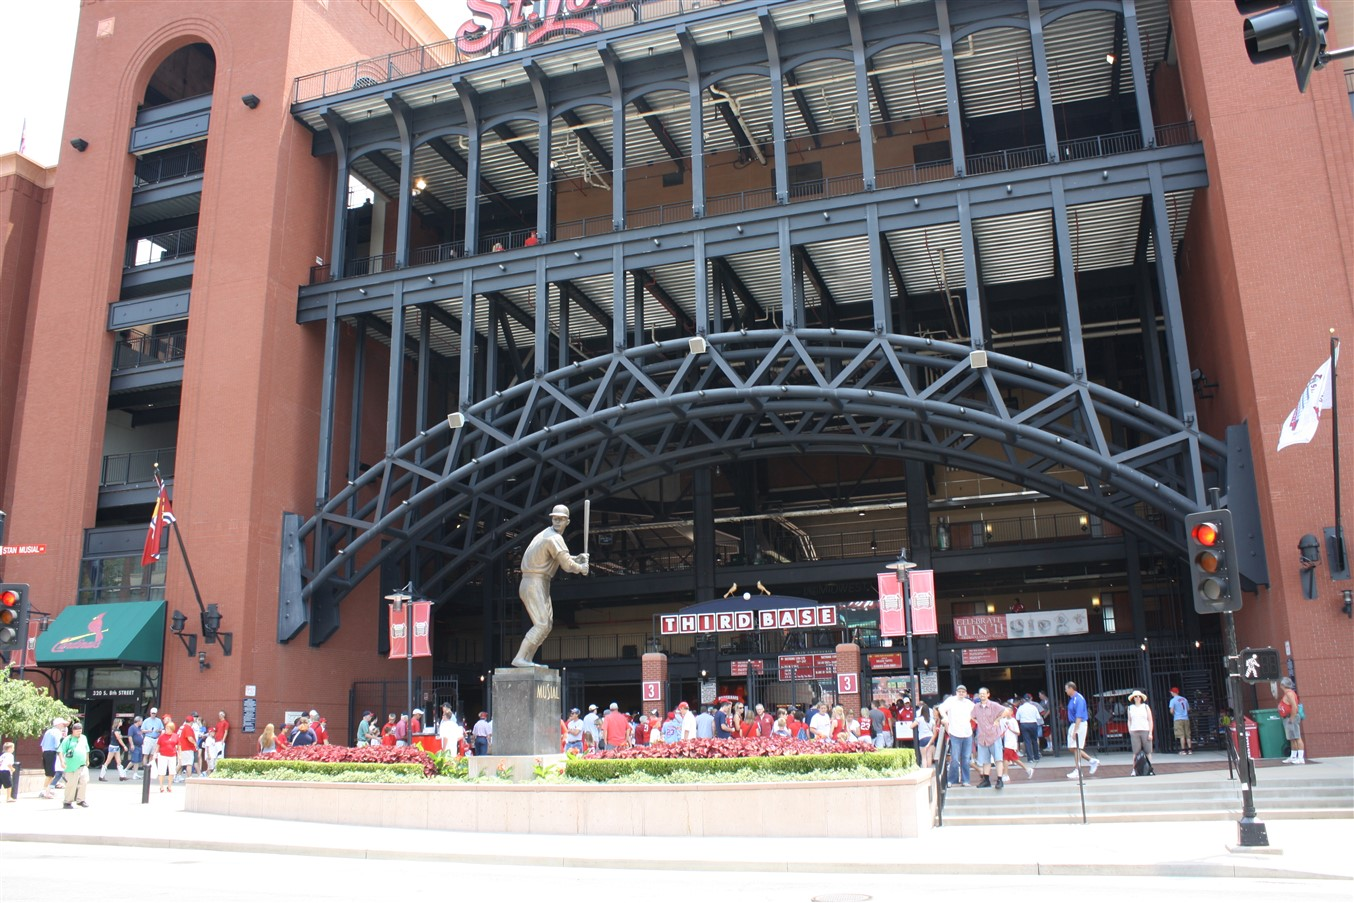 2012 07 01 137 St Louis Busch Stadium.jpg